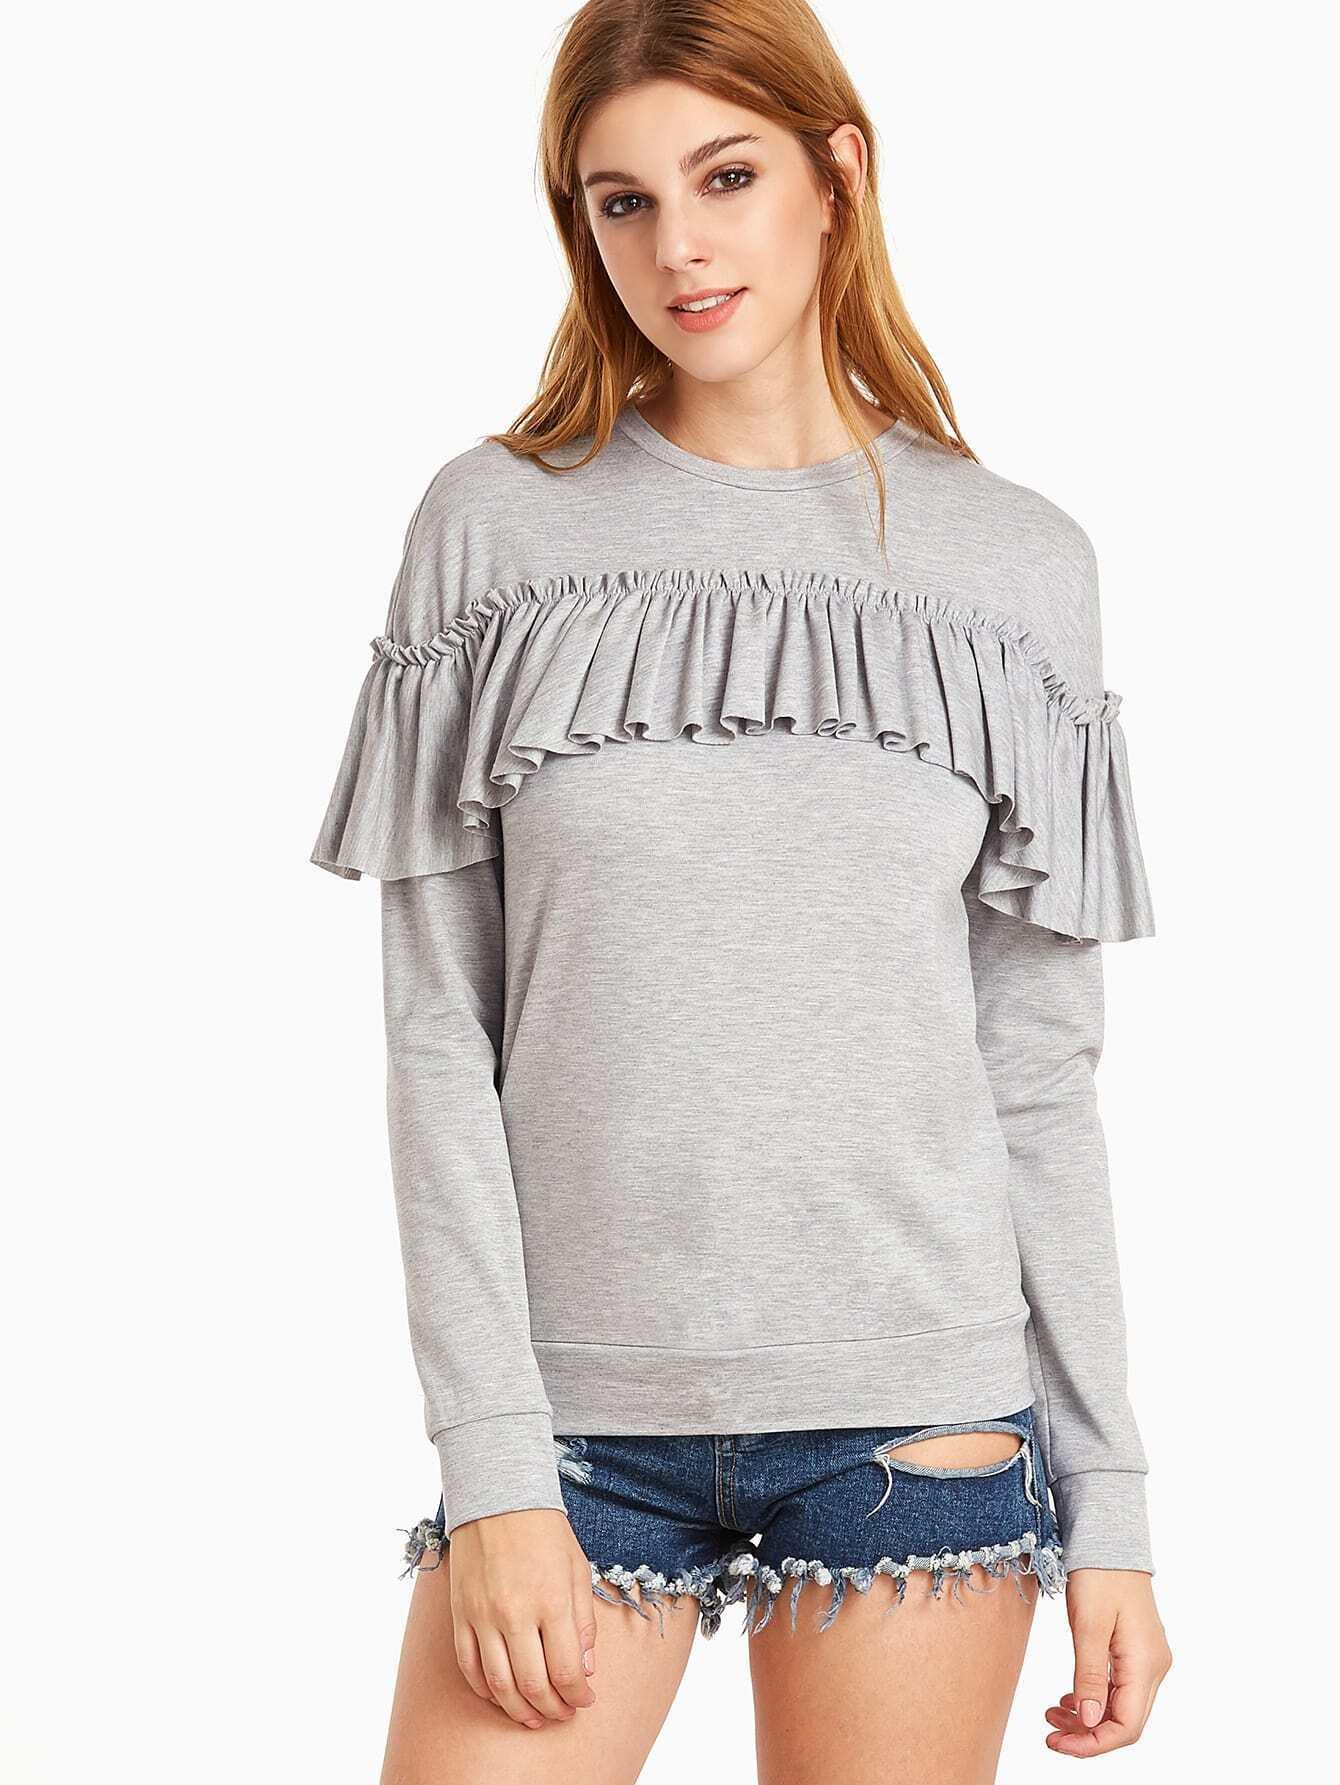 sweatshirt161124704_2